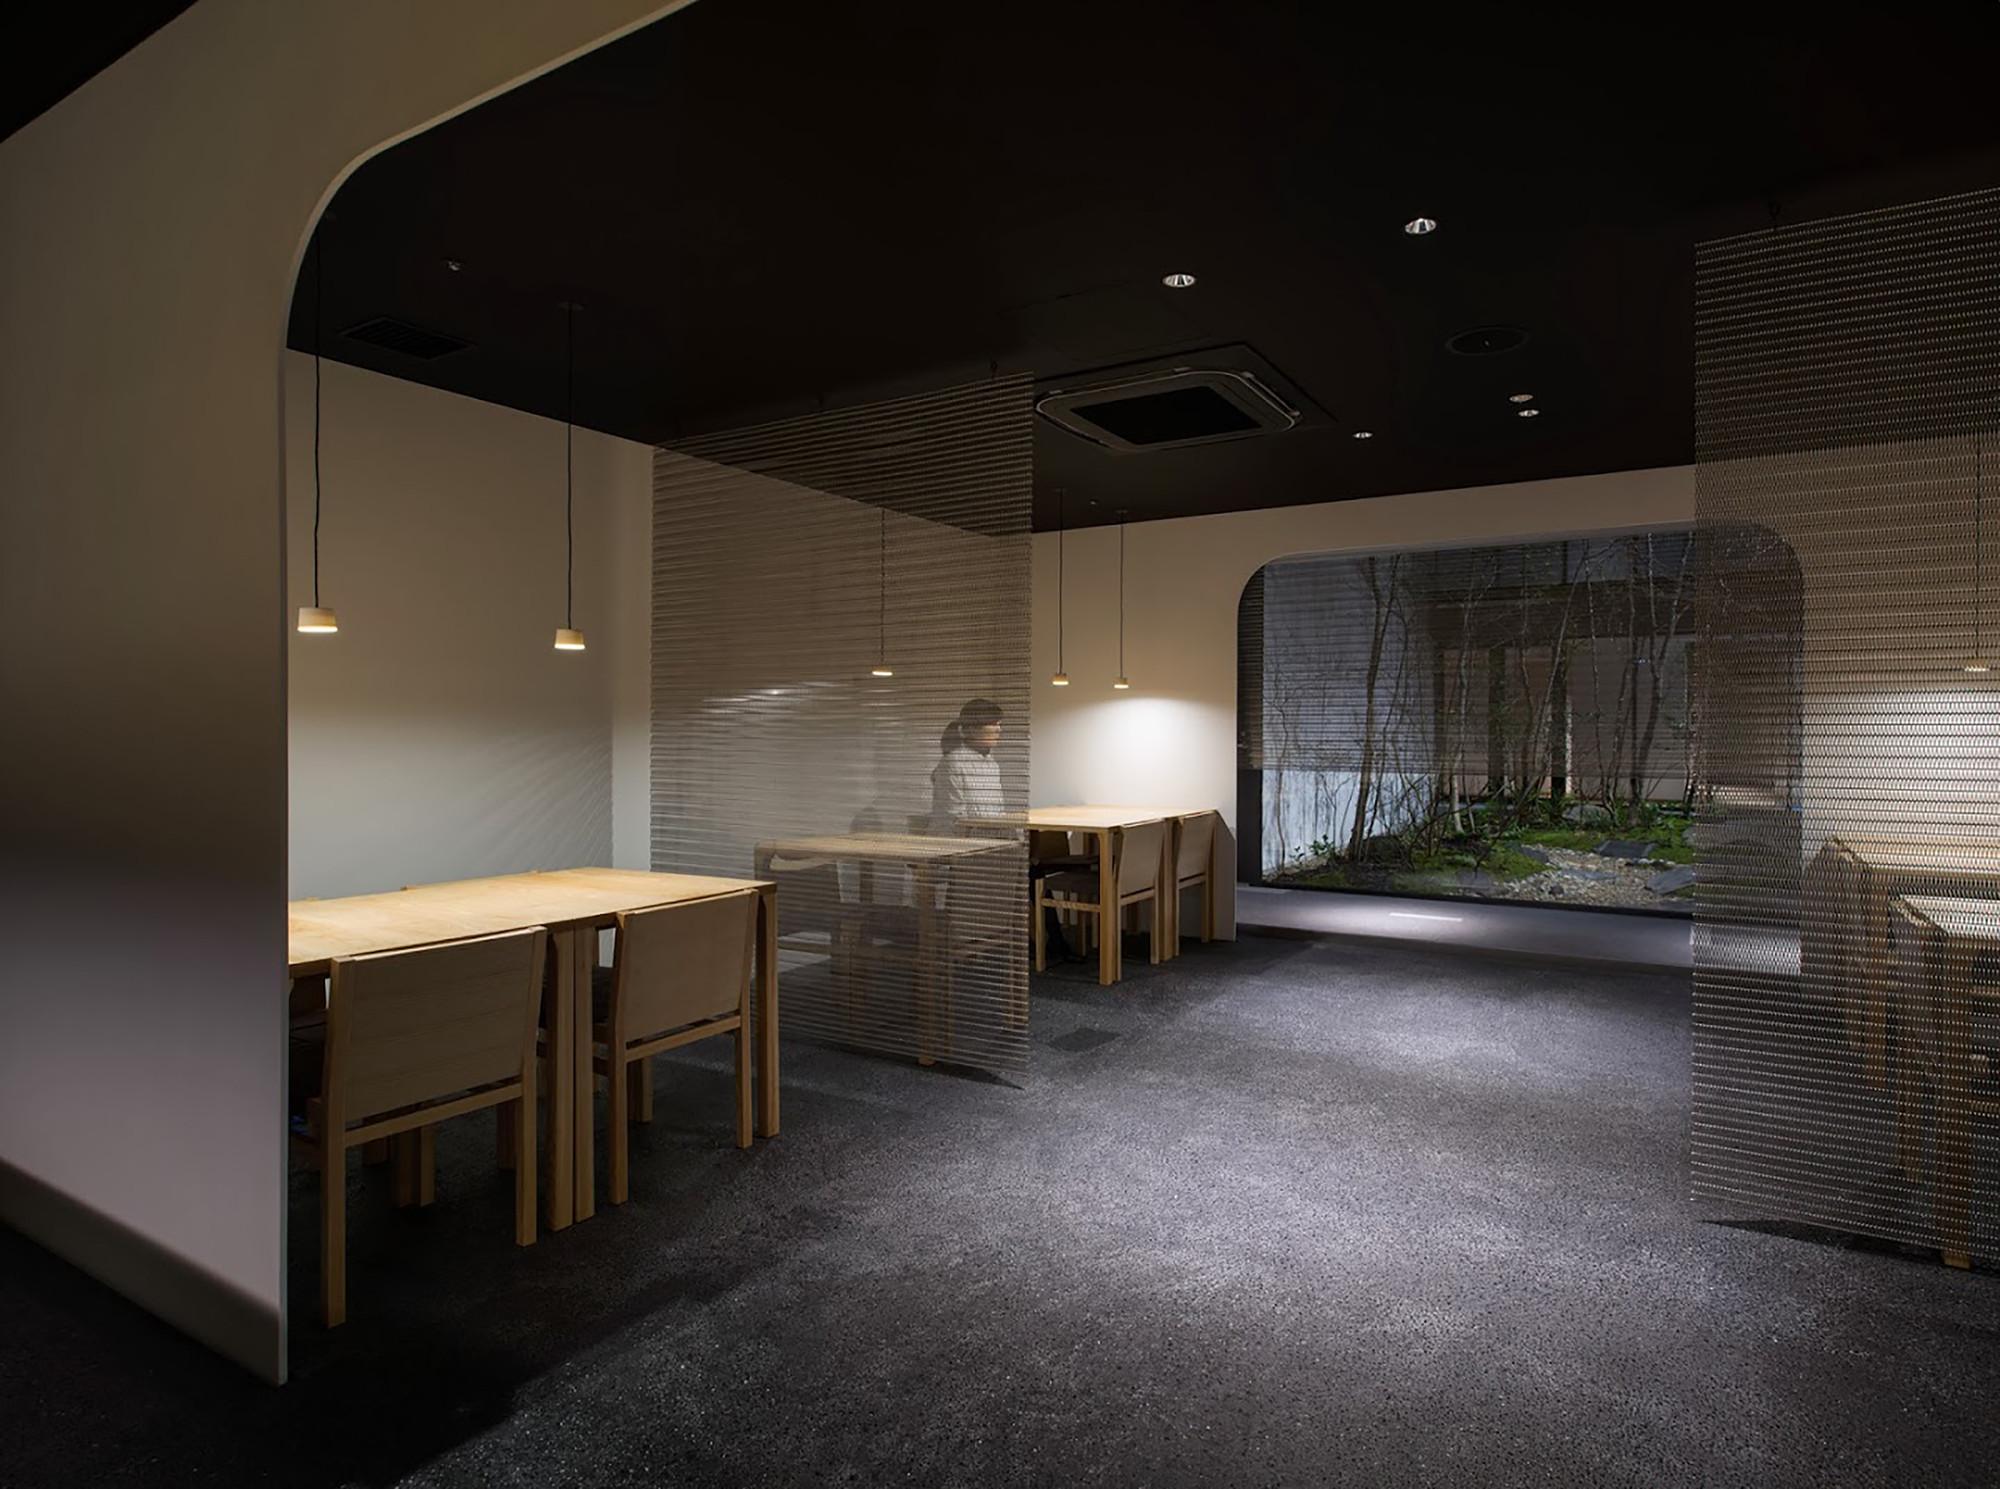 IZAMA / Yuko Nagayama & Associates, © Nobutada Omote